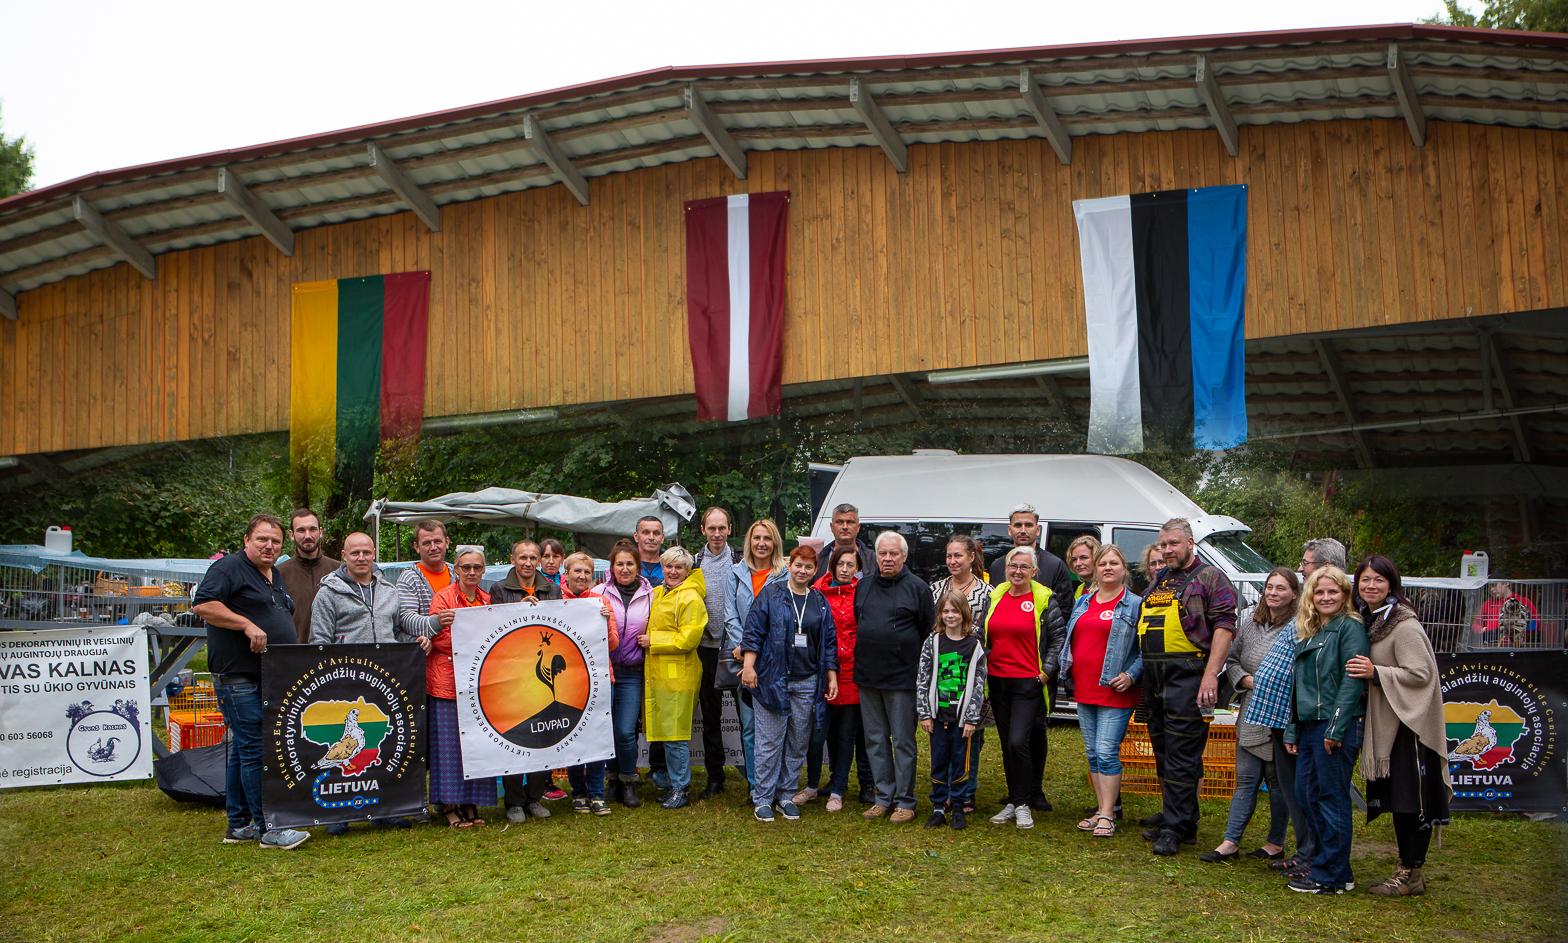 Baltijos šalių paukštininkystės deklaracija pasirašyta Latvijos paukščių festivalyje